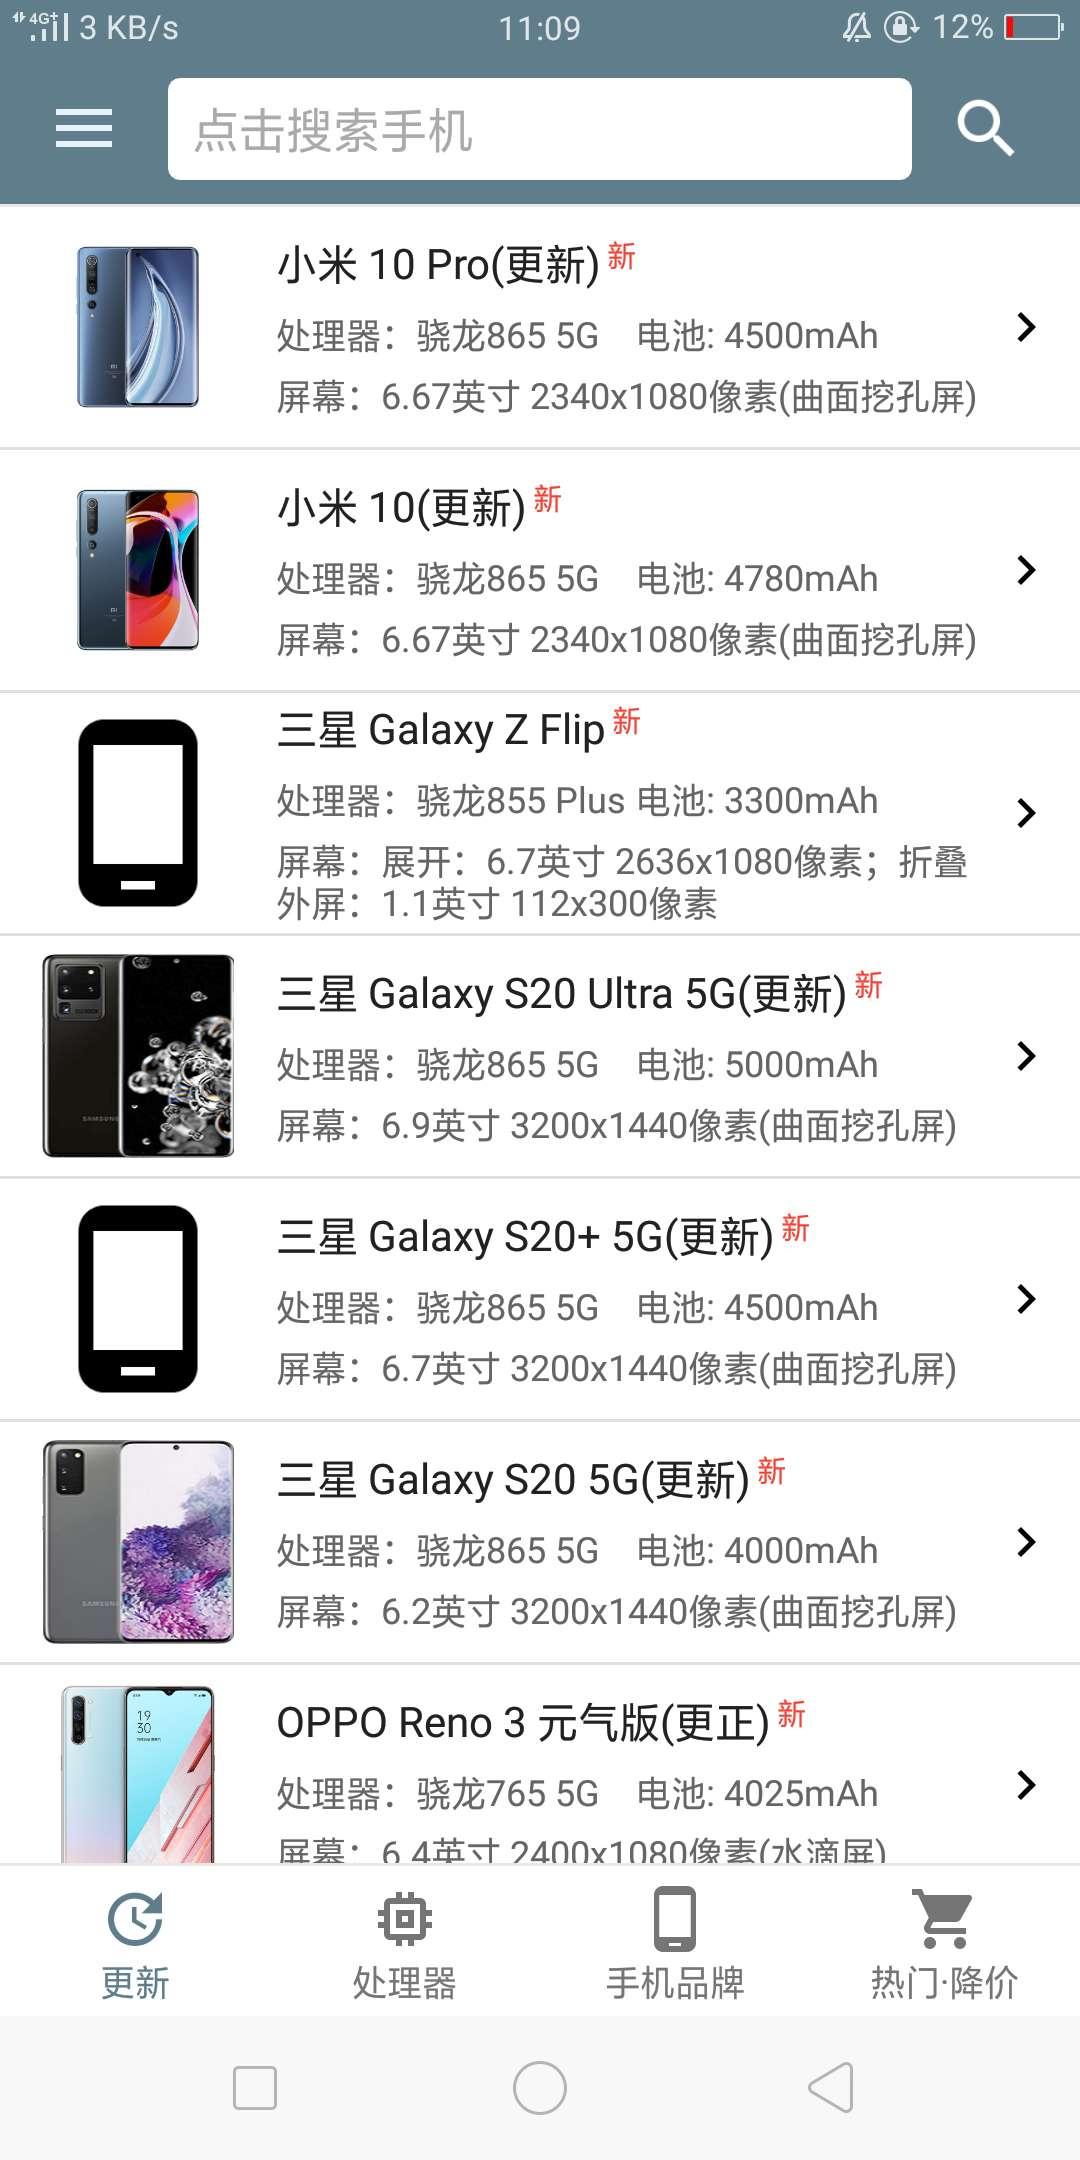 【分享】手机性能排行,可查看已发售,未发售手机的各种功能